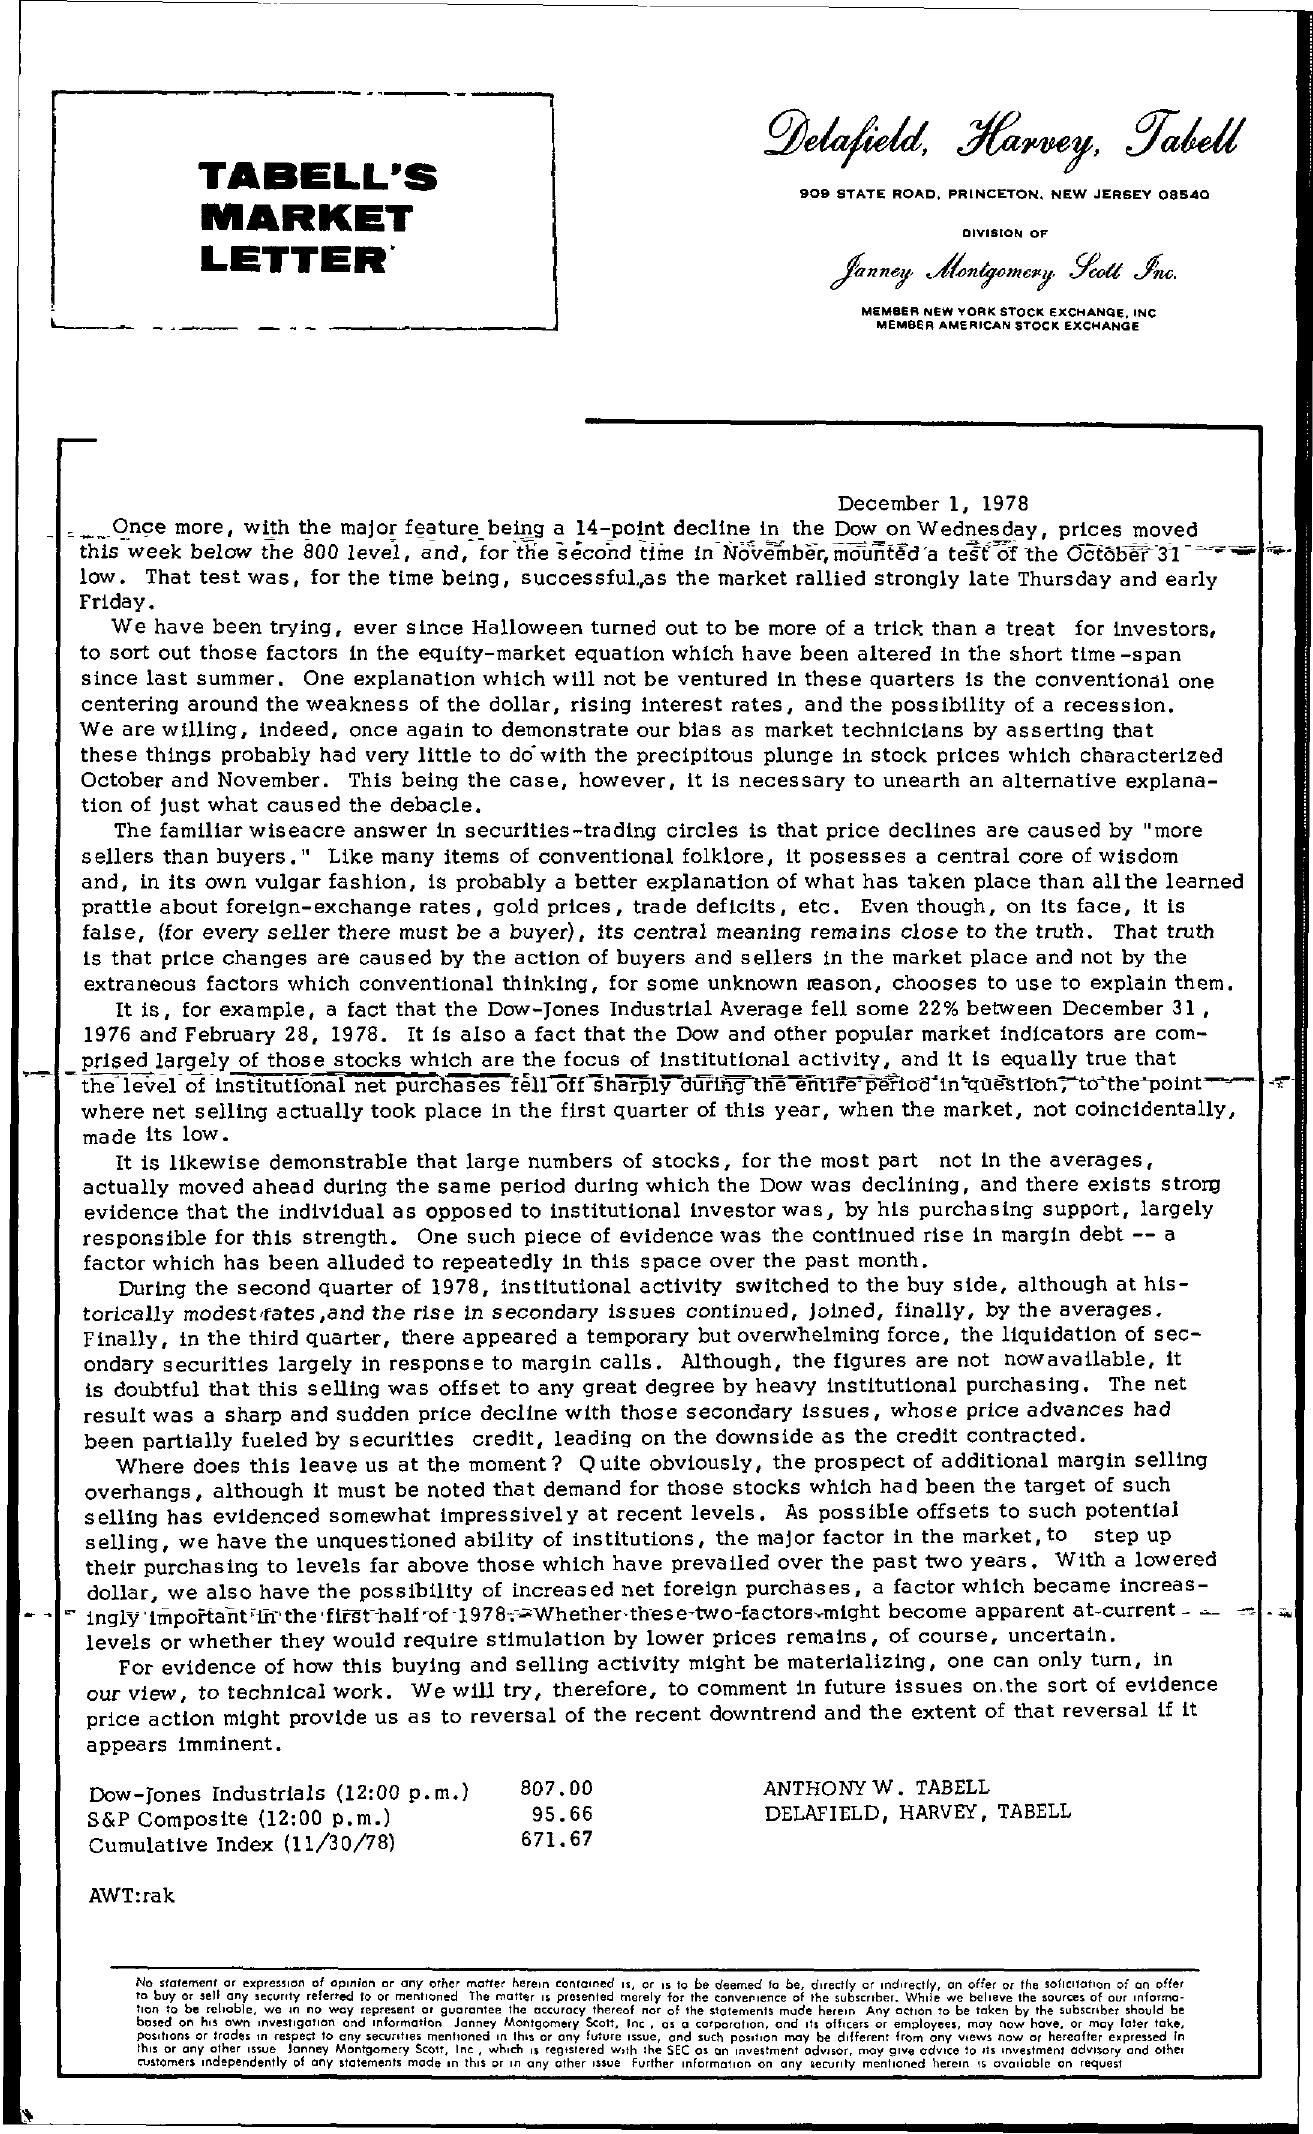 Tabell's Market Letter - December 01, 1978